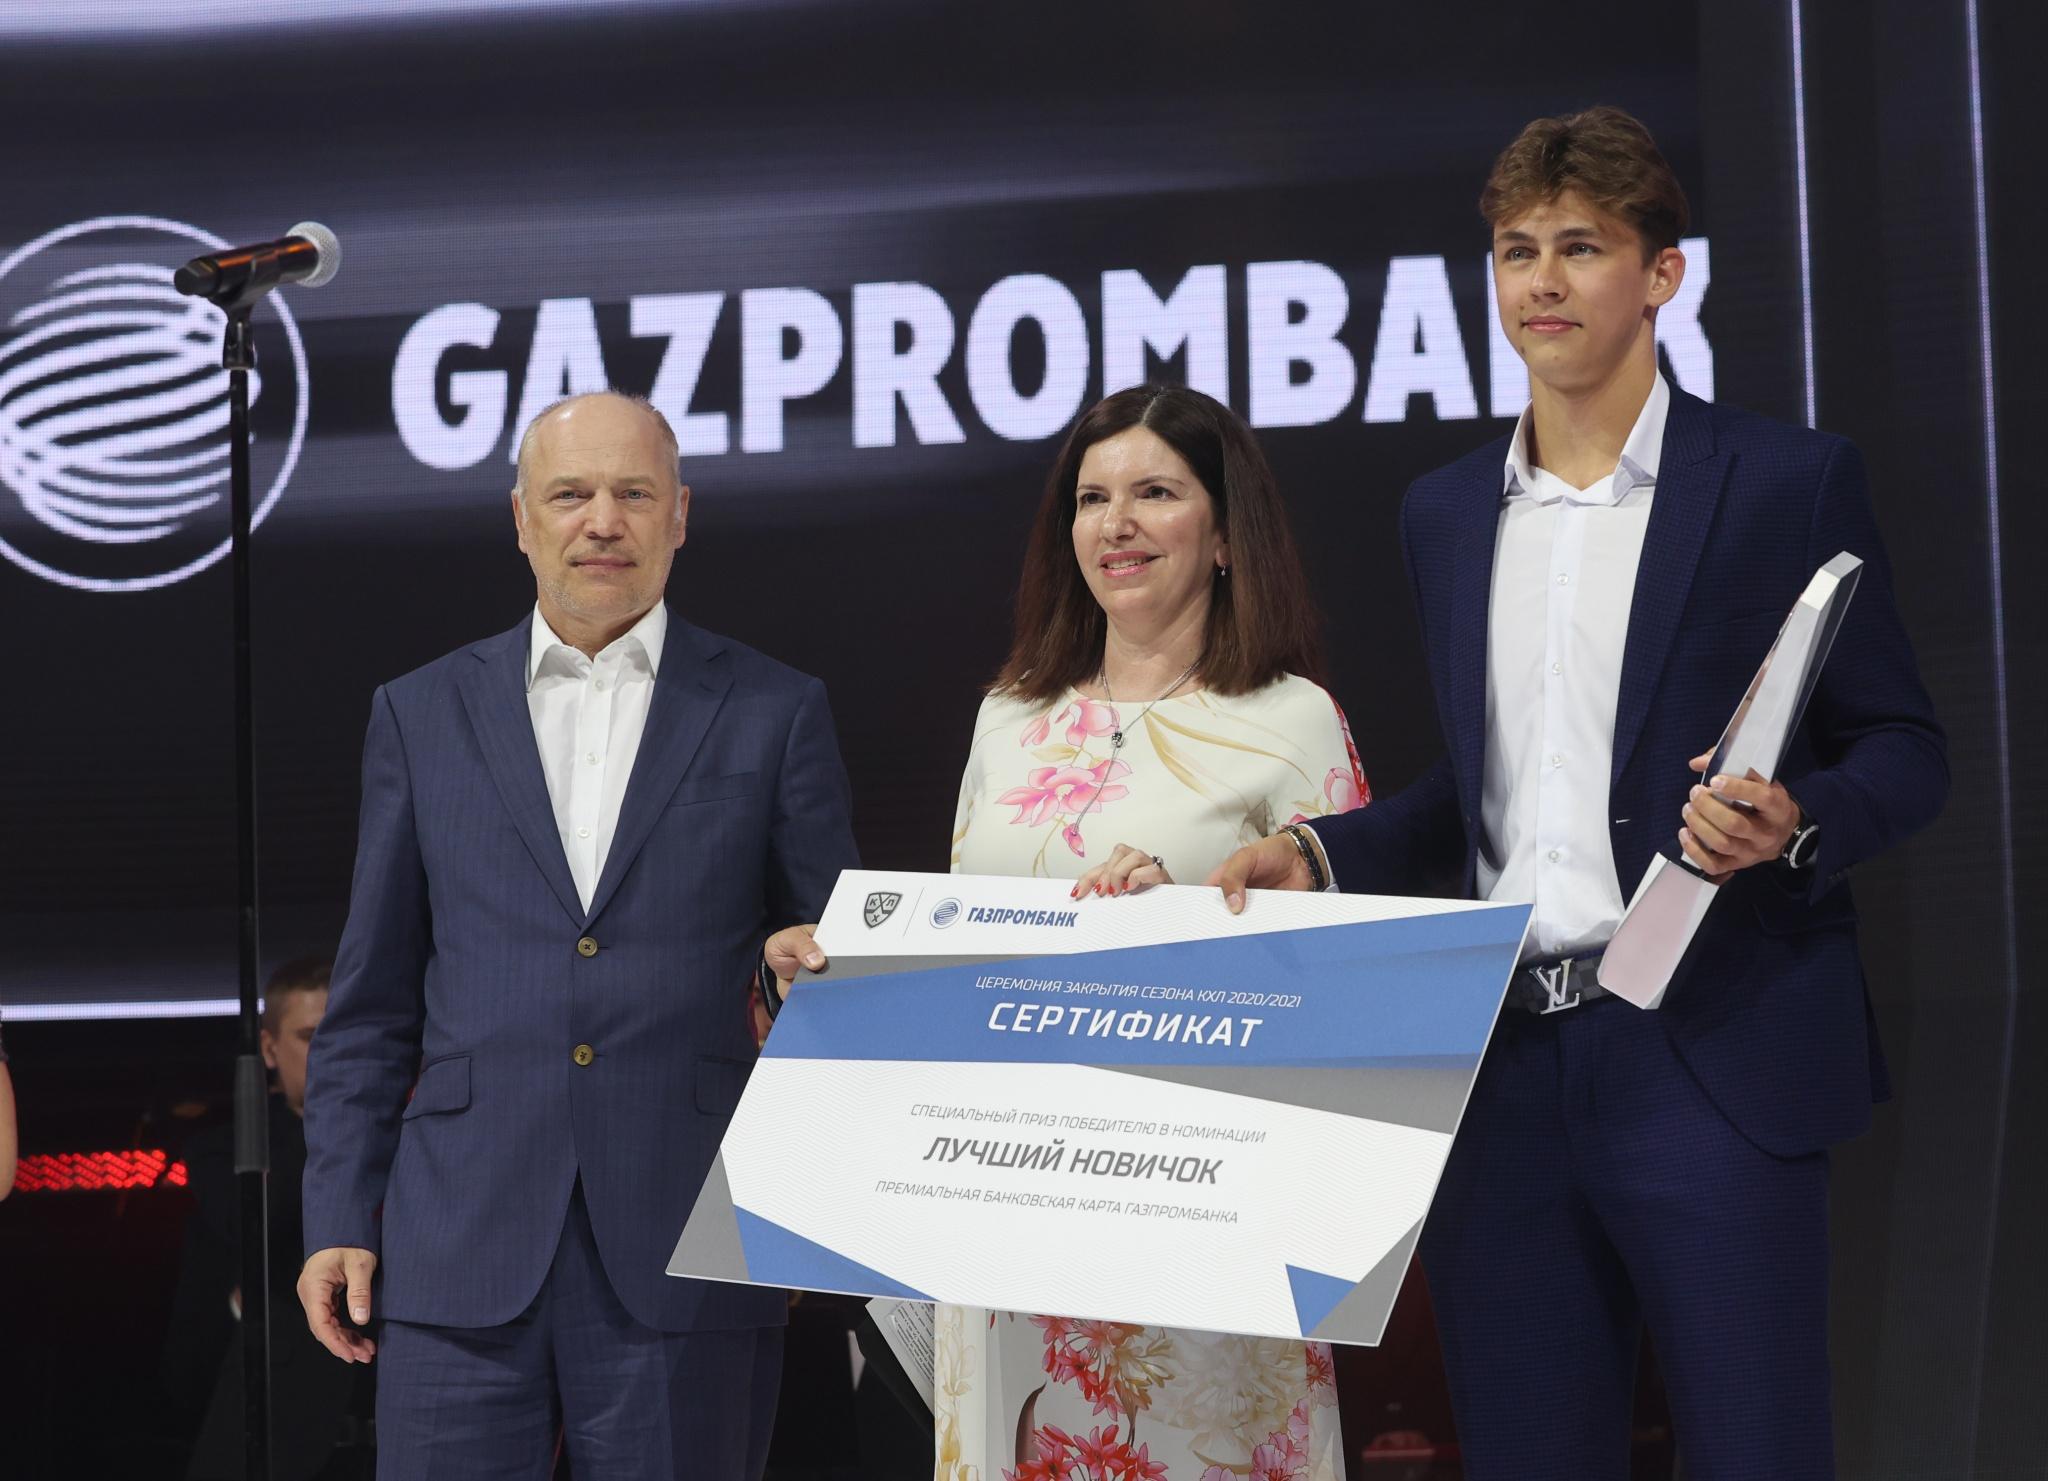 Виталий Прохоров, Анна Жванецкая и Егор Чинахов. Фото: Андрей Голованов